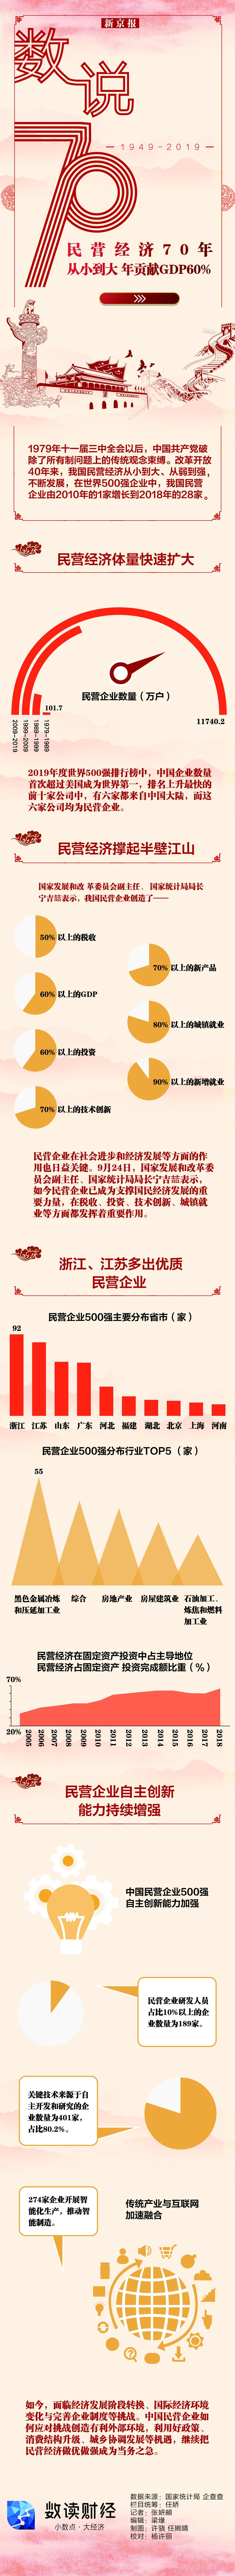 天津:平行进口车已成为天津商业增长新动能